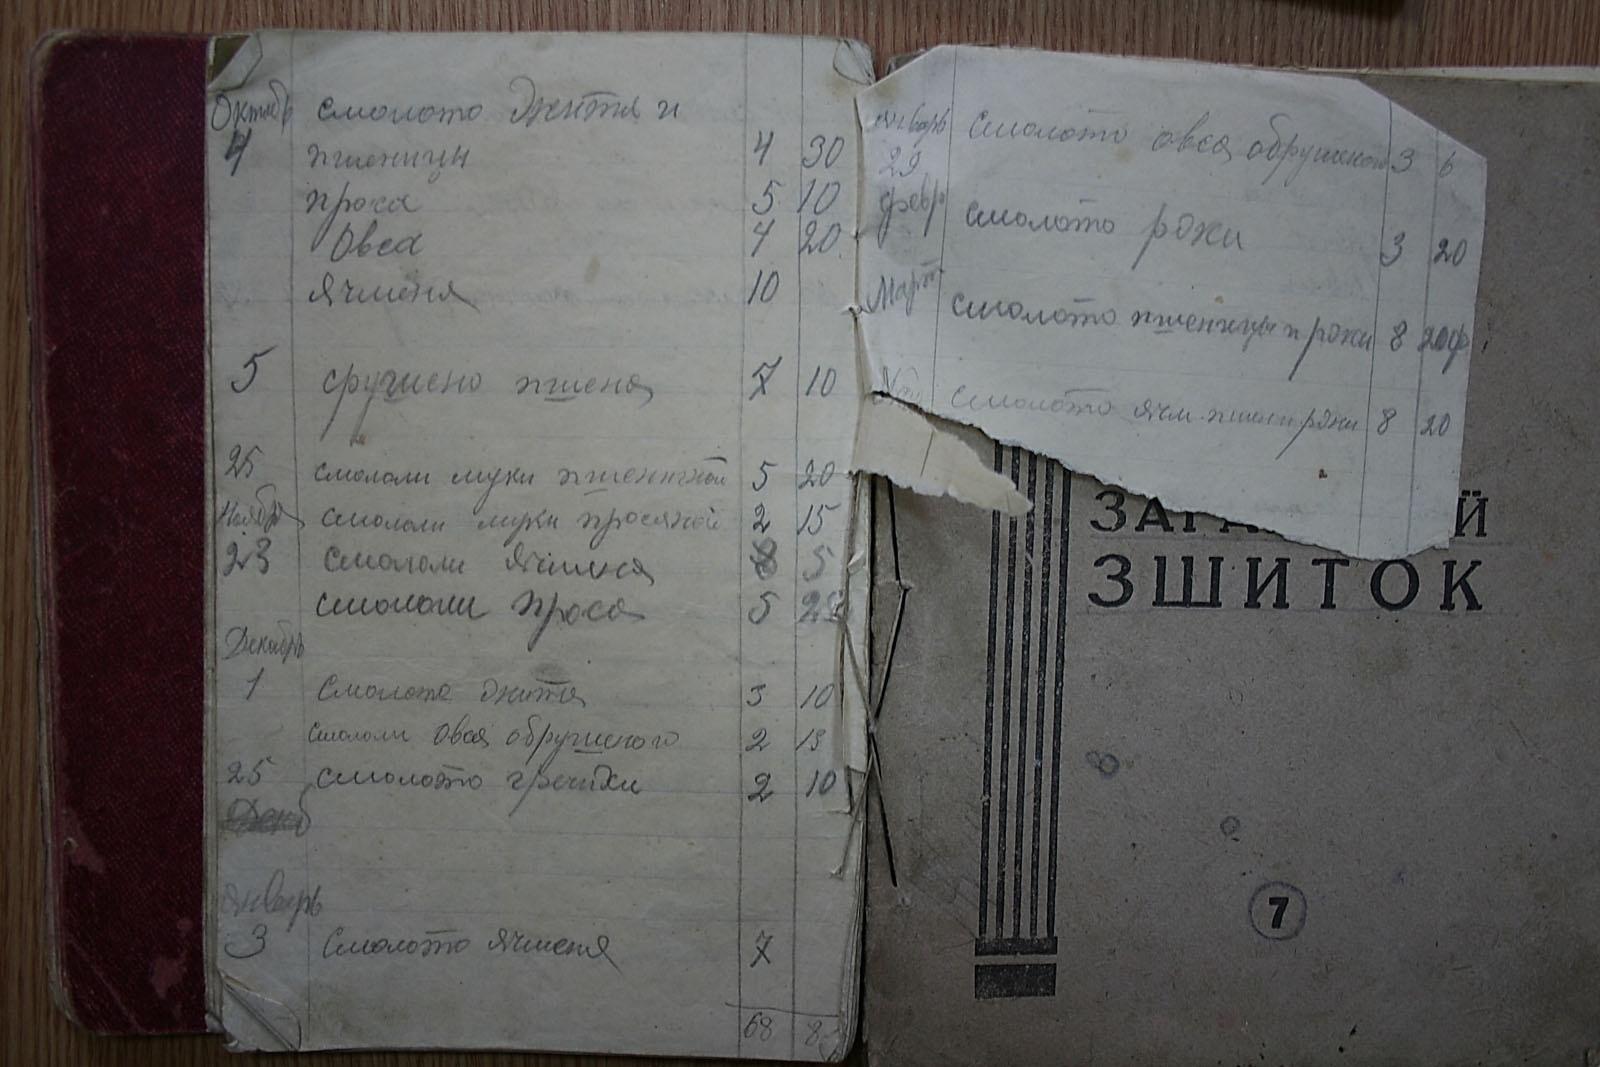 Вещдок: Страницы из тетради, в которую Белоус записывал свои наблюдения